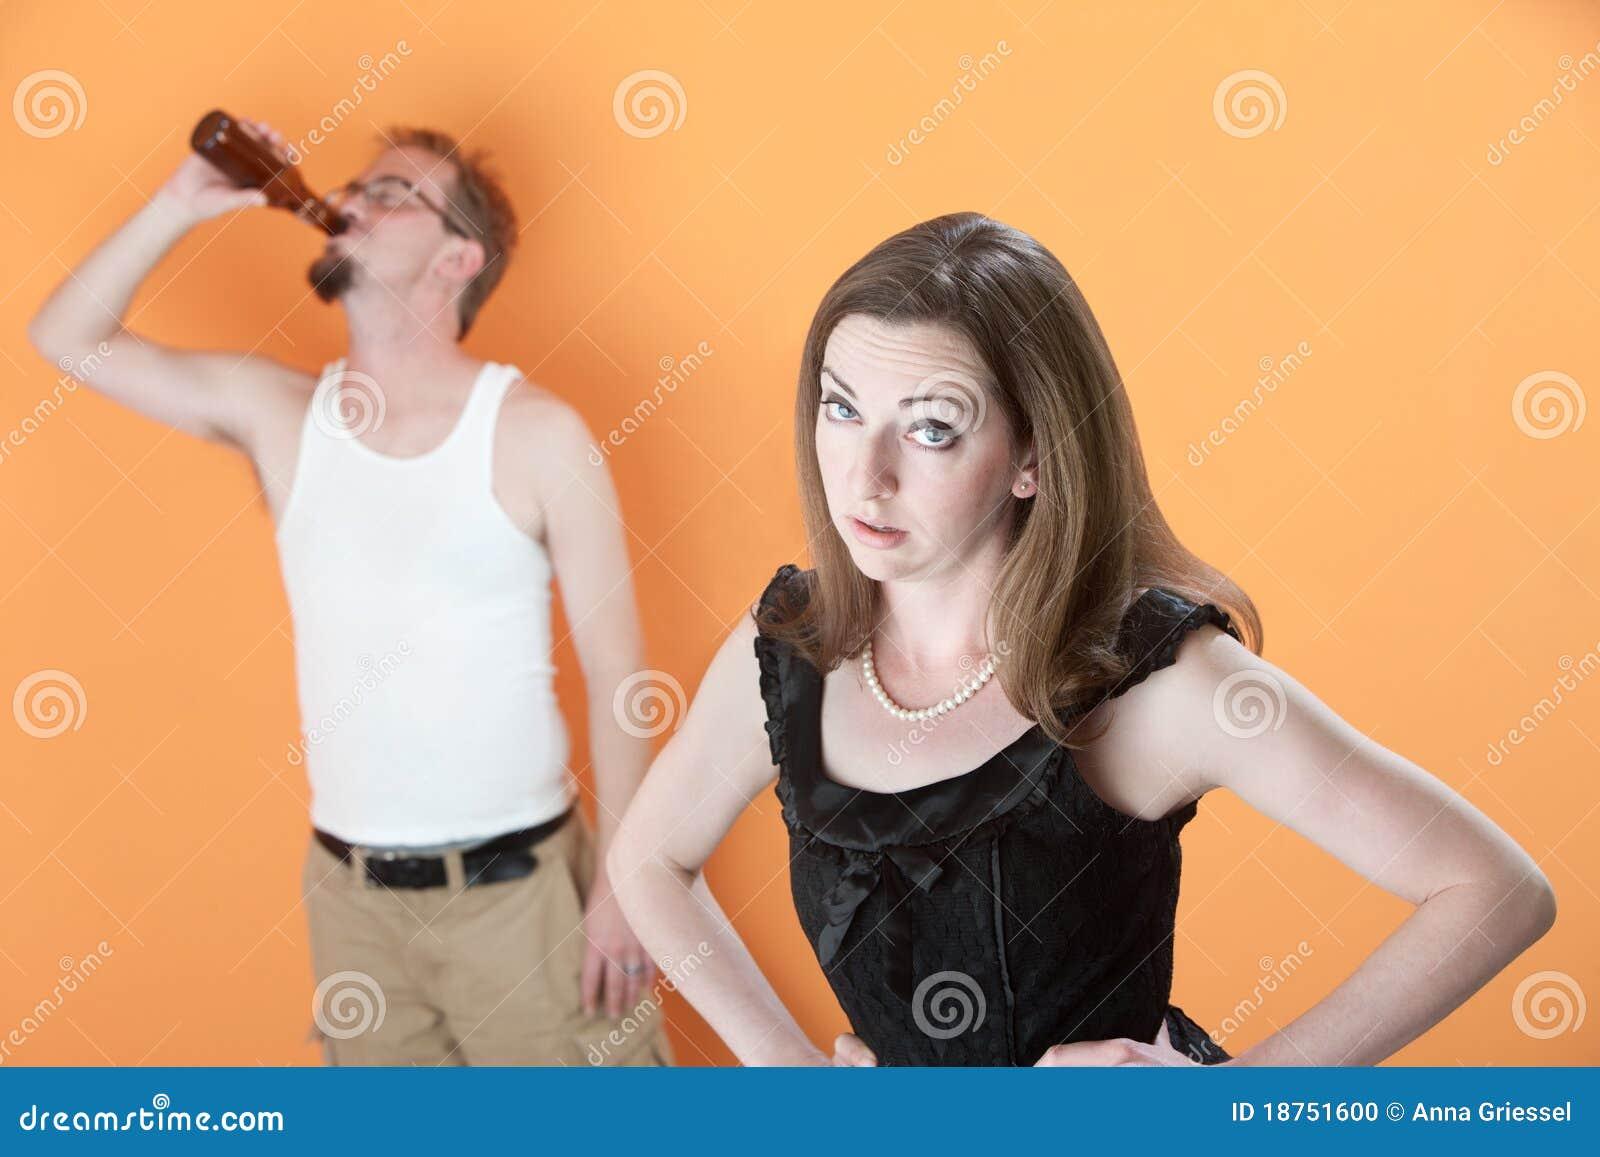 Como al marido hacer dejar beber sin su consentimiento los medios públicos